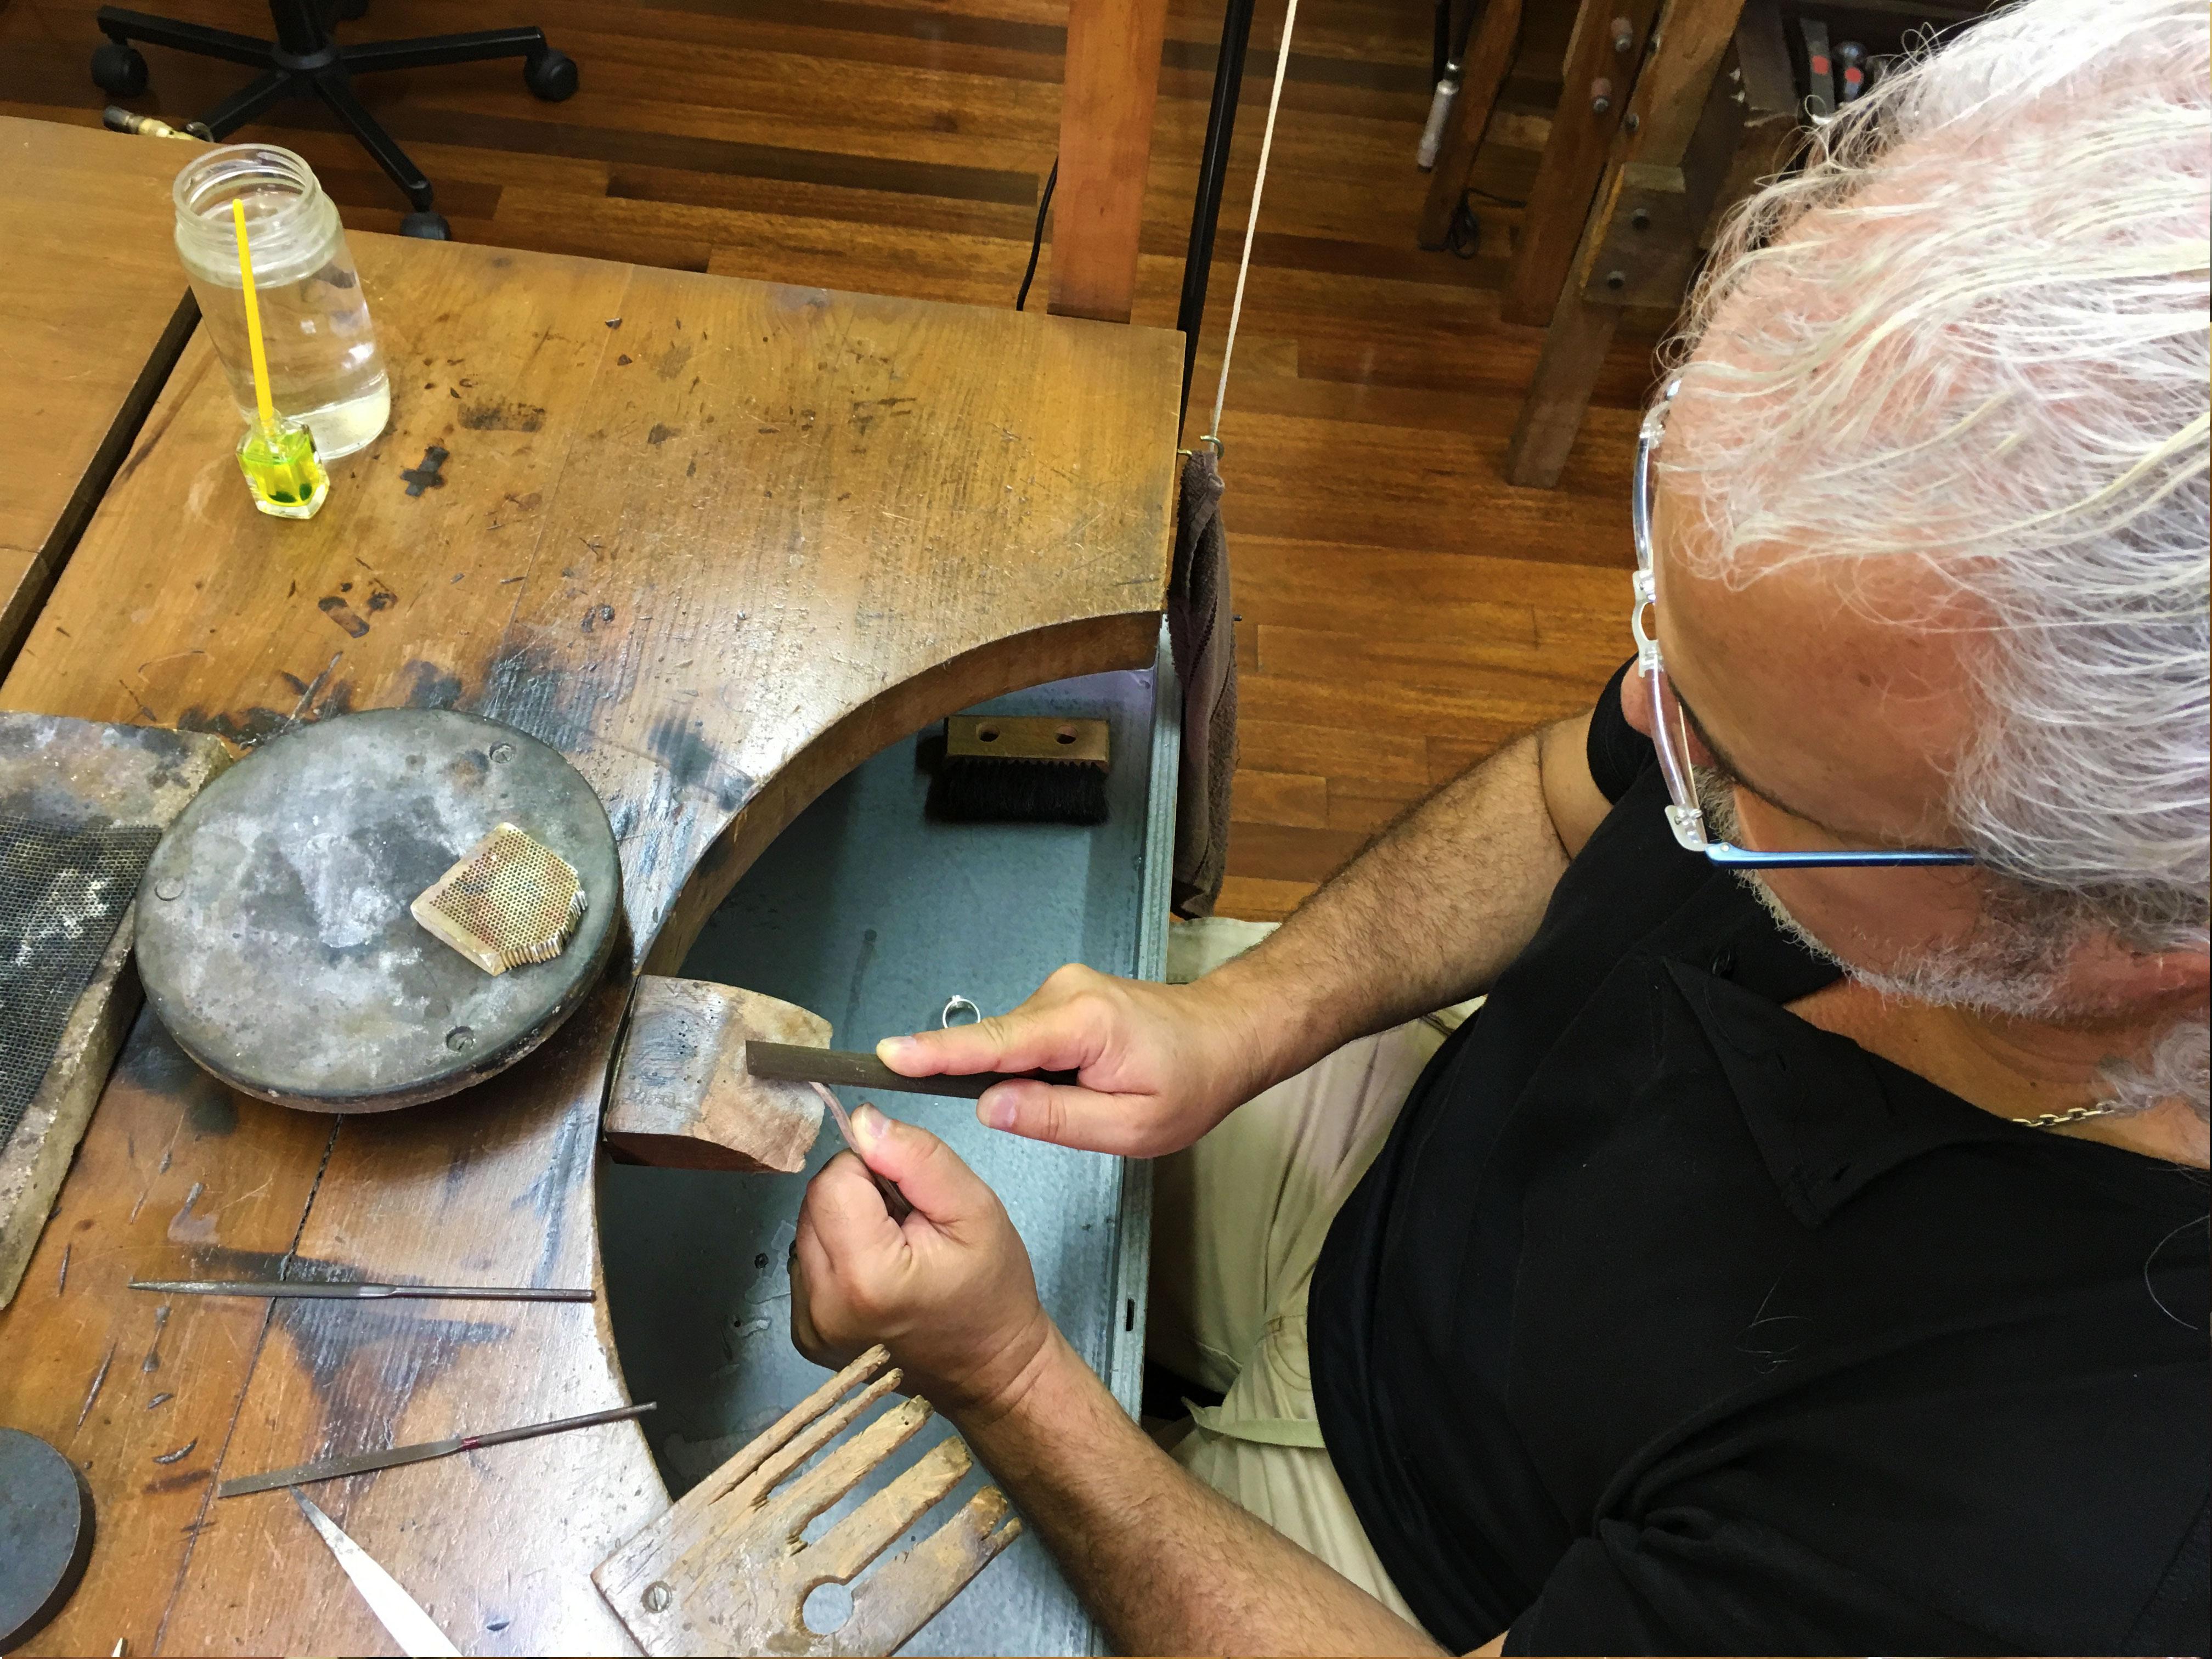 Autor-de-joias-trabalhando